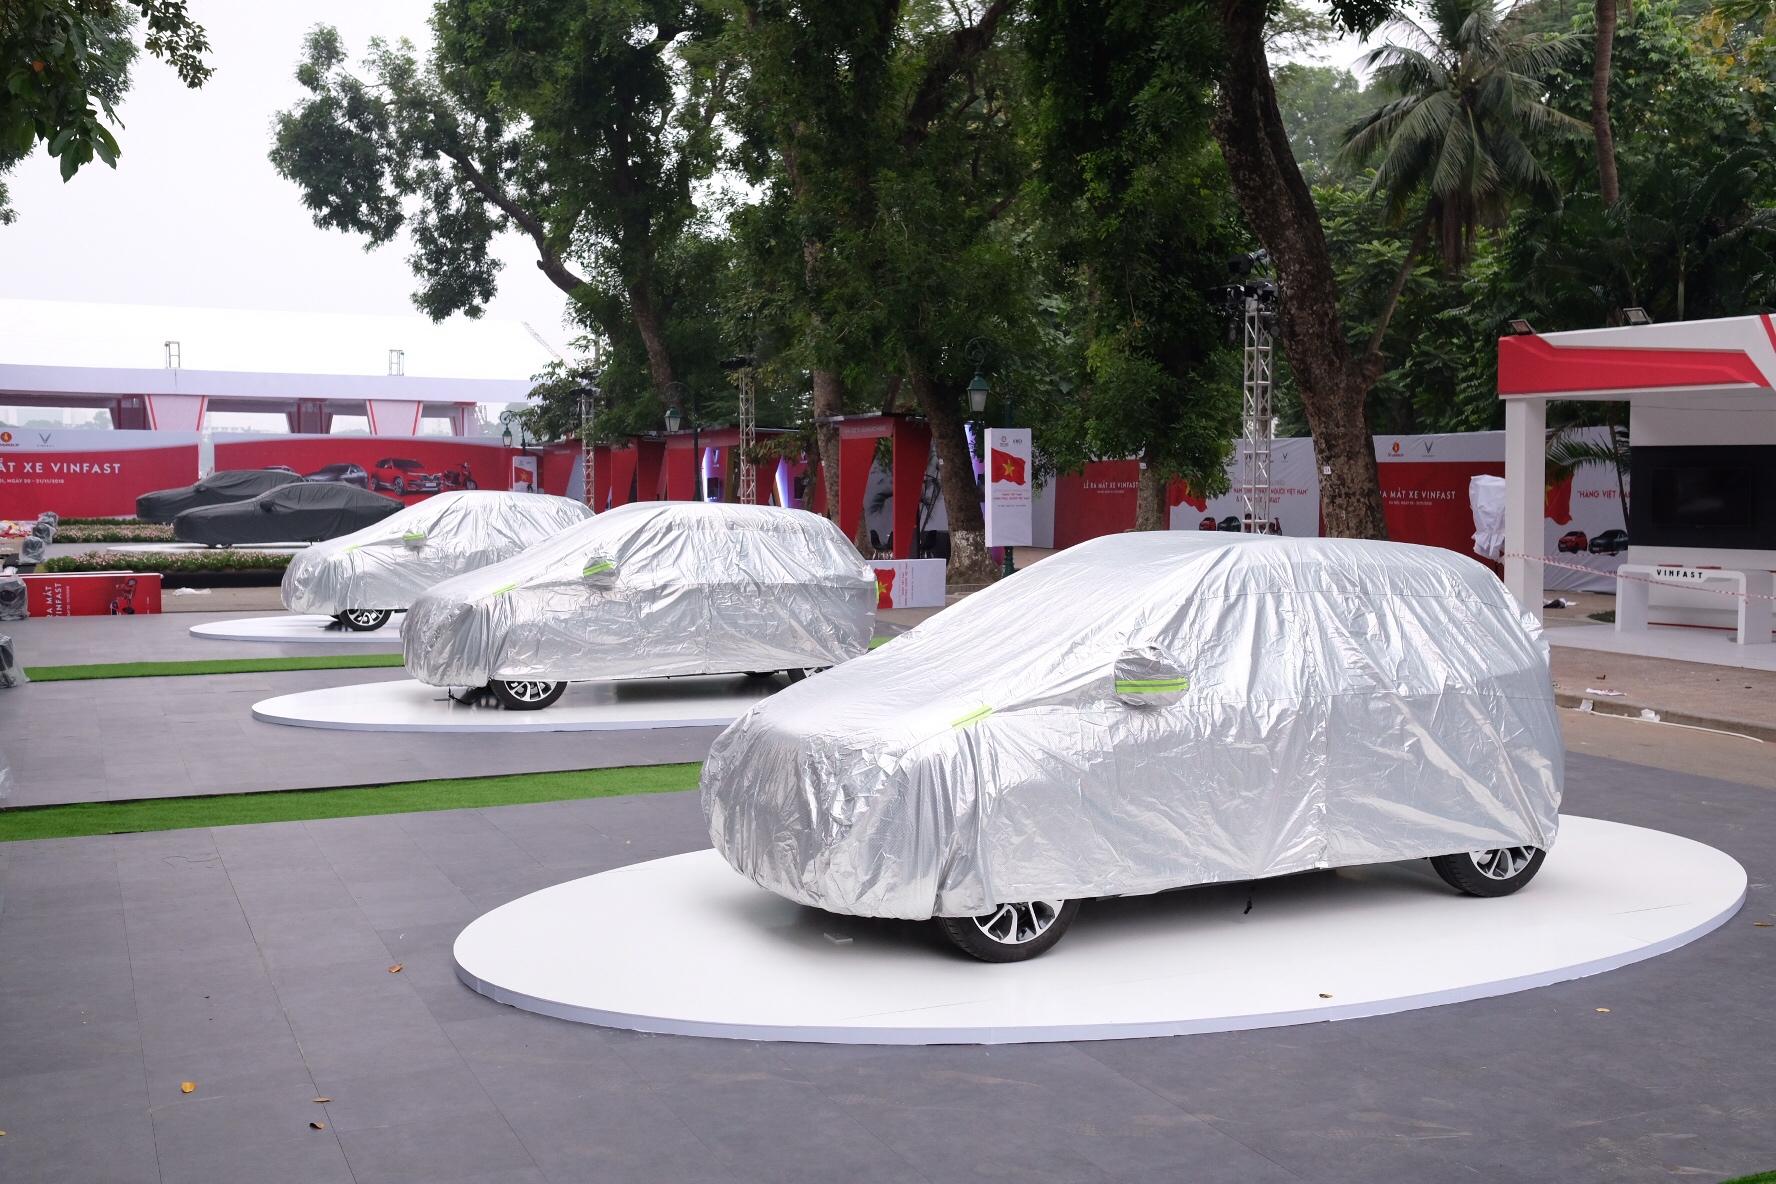 Những hình ảnh mới nhất của ô tô Vinfast chuẩn bị lễ ra mắt tại Hà Nội 1